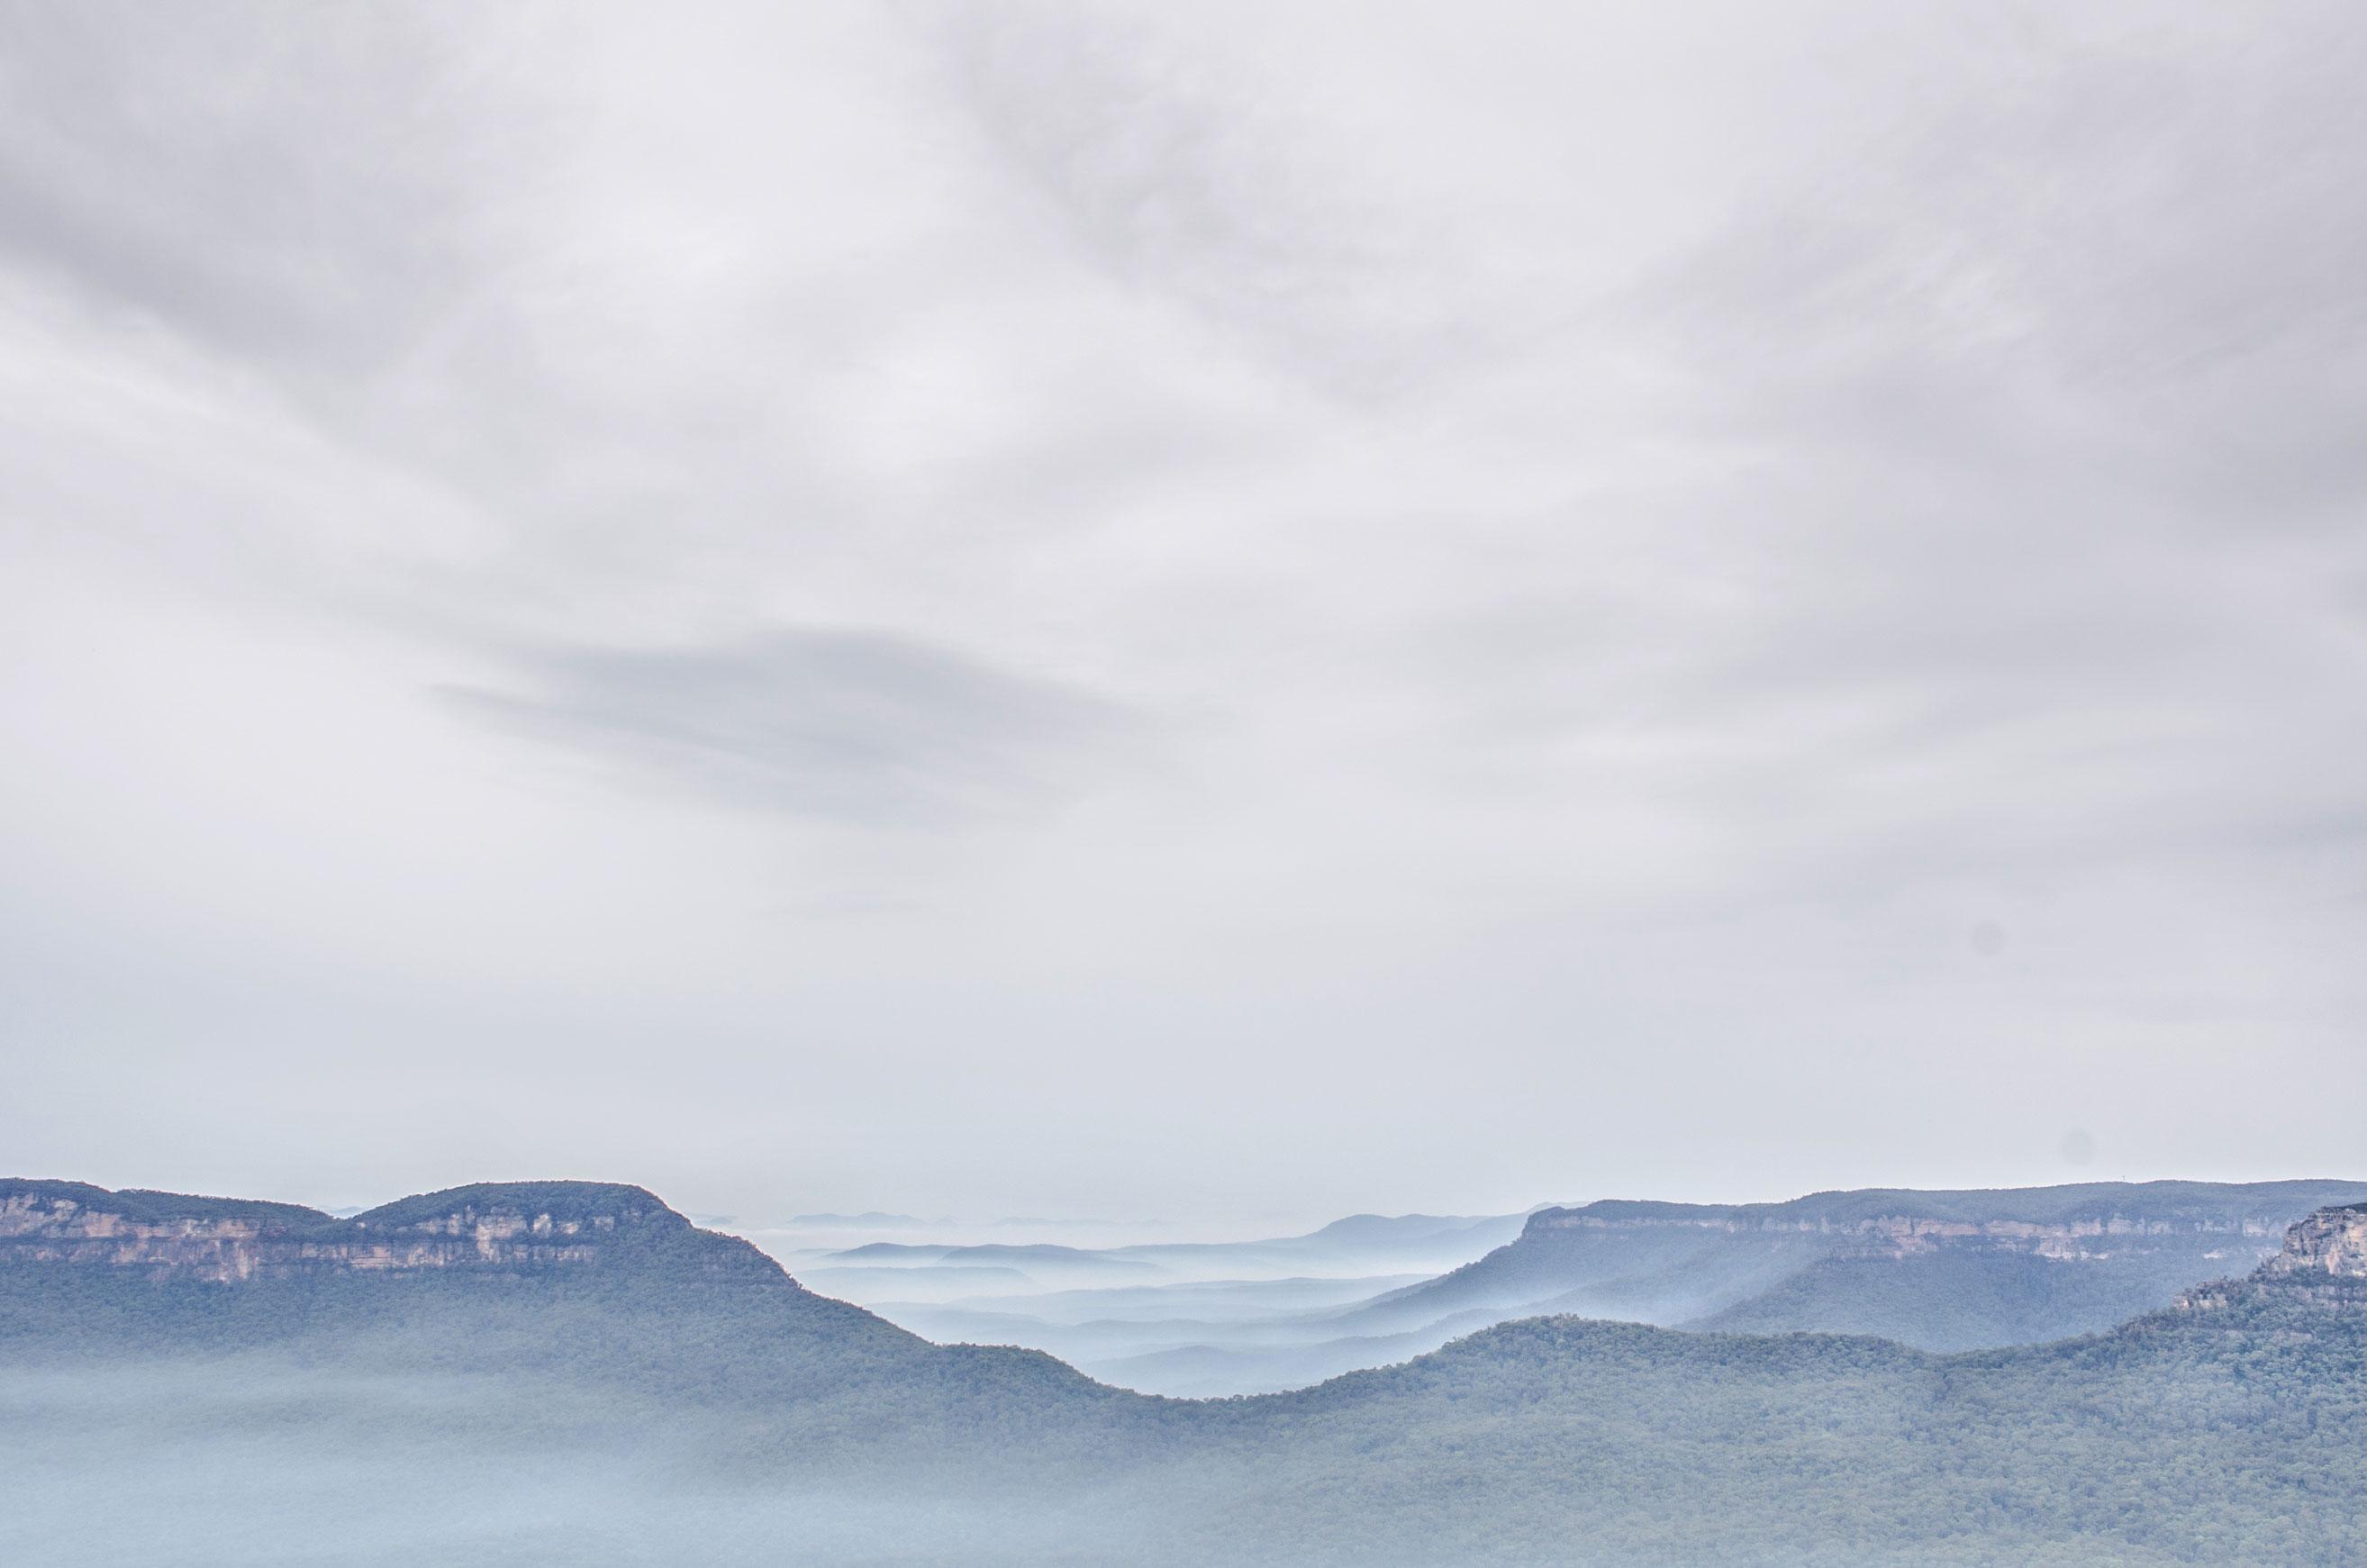 Paesaggi-Australia - DSC 8045 - Blue-mountains-NSW-Australia - Blue-mountains-NSW-Australia